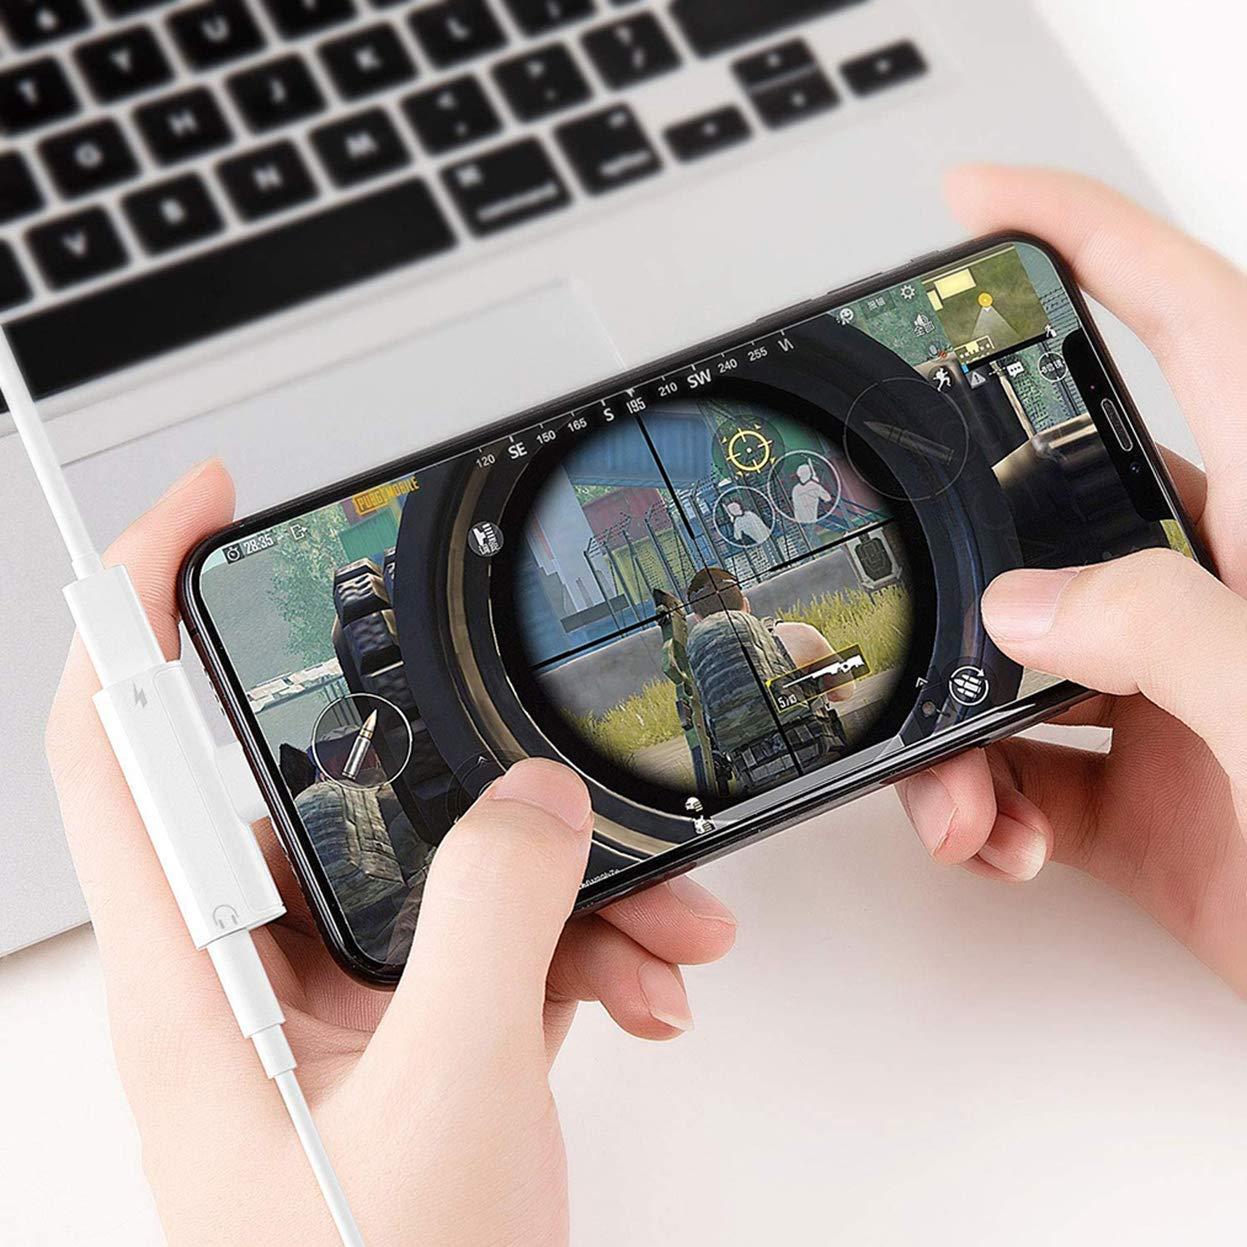 Adaptateur pour /écouteurs pour iPhone 8Plus 7Plus 8 /écouteurs 3,5 mm Jack C/âble AUX Adaptateur Audio Musique et convertisseur PowerJack Dongle C/âble pour Casque pour iPhone 7 XS Max